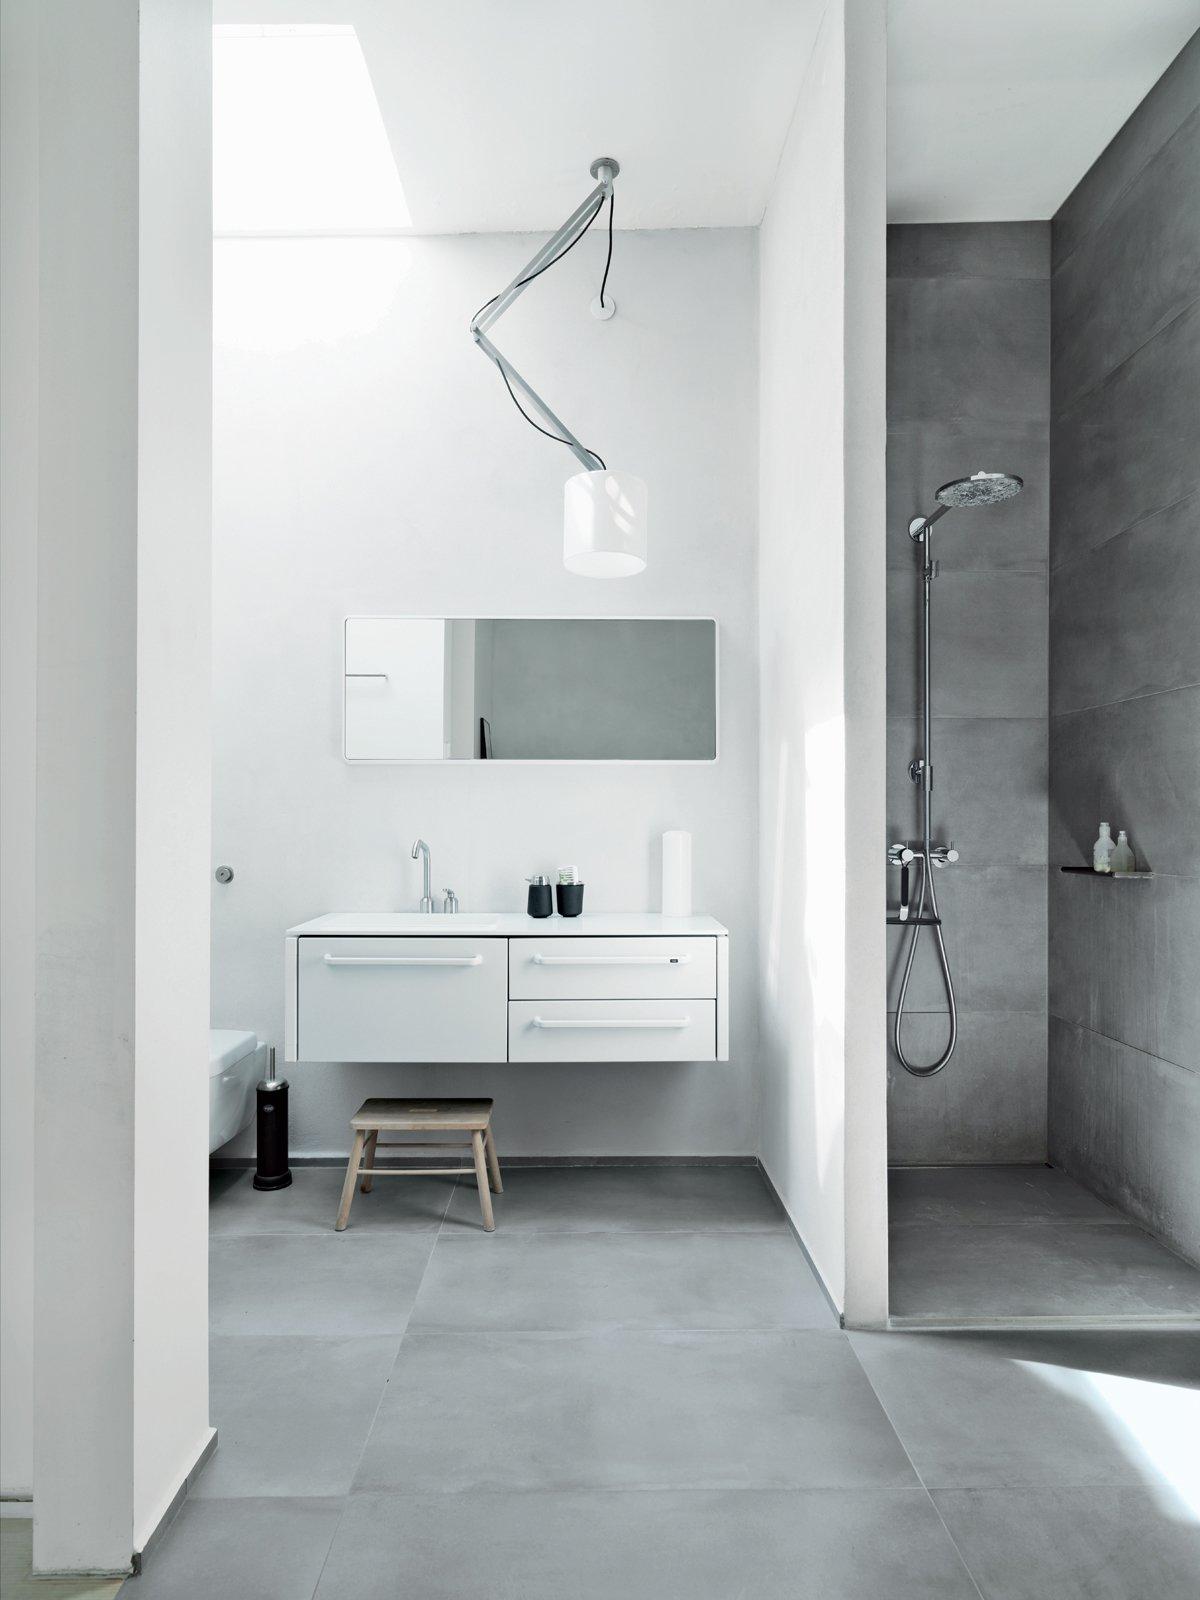 Nội thất trong phòng tắm tối giản cần đa năng và tiết kiệm diện tích. Do đó, các thiết bị như gương tích hợp tủ dự trữ, vanity treo tường... Ảnh: Anders Hviid